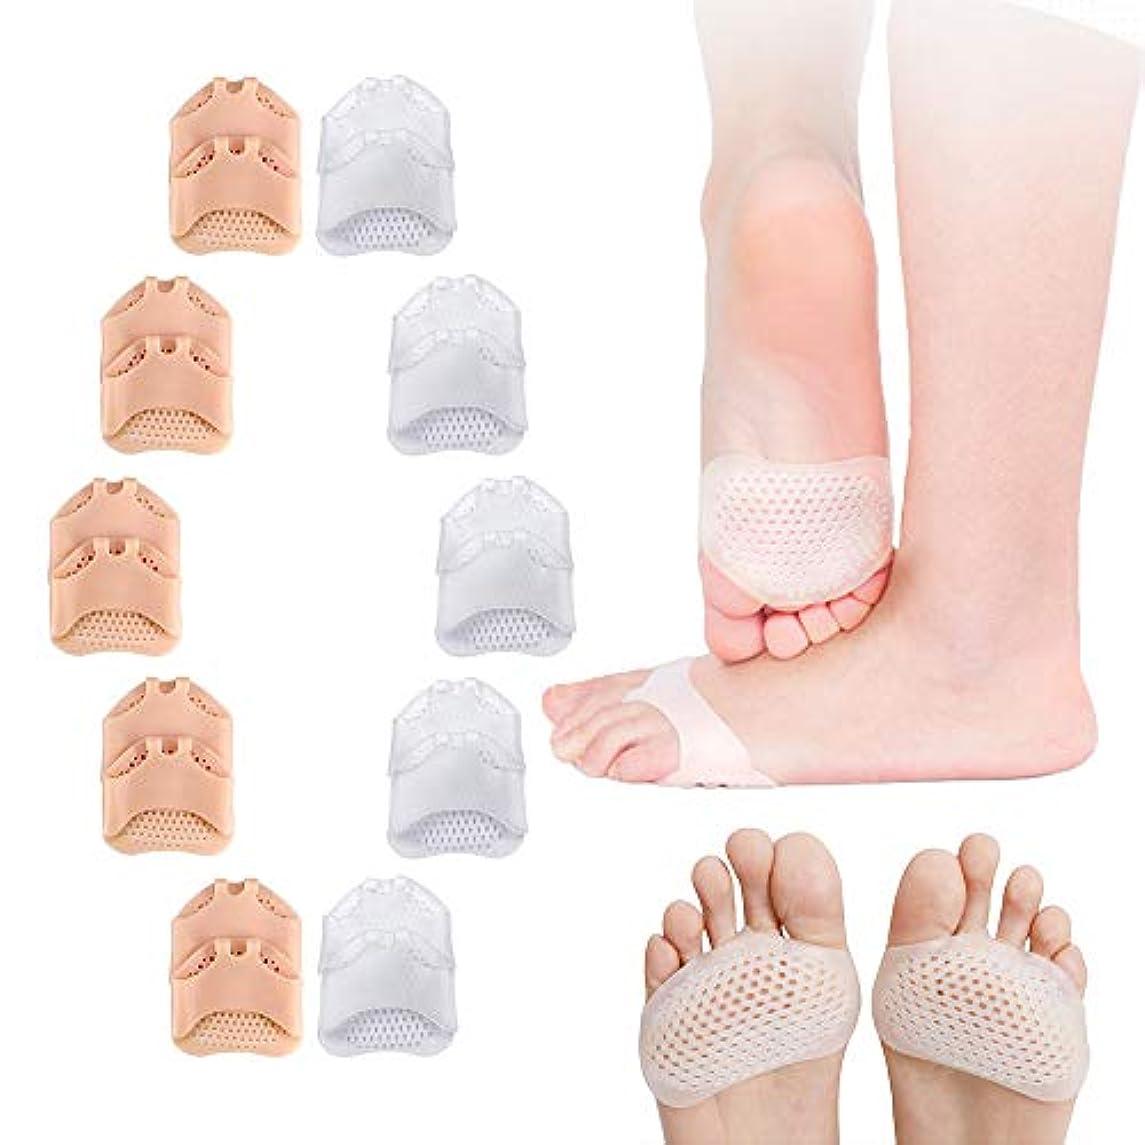 上下する歩行者生産的SITAKE 足用保護パッド 足裏サポーター 足裏痛み緩和 中足骨パッド 足裏クッション 足矯正 痛み緩和 疲労軽減 滑り止め 衝撃吸収 通気性 男女兼用 20個入り